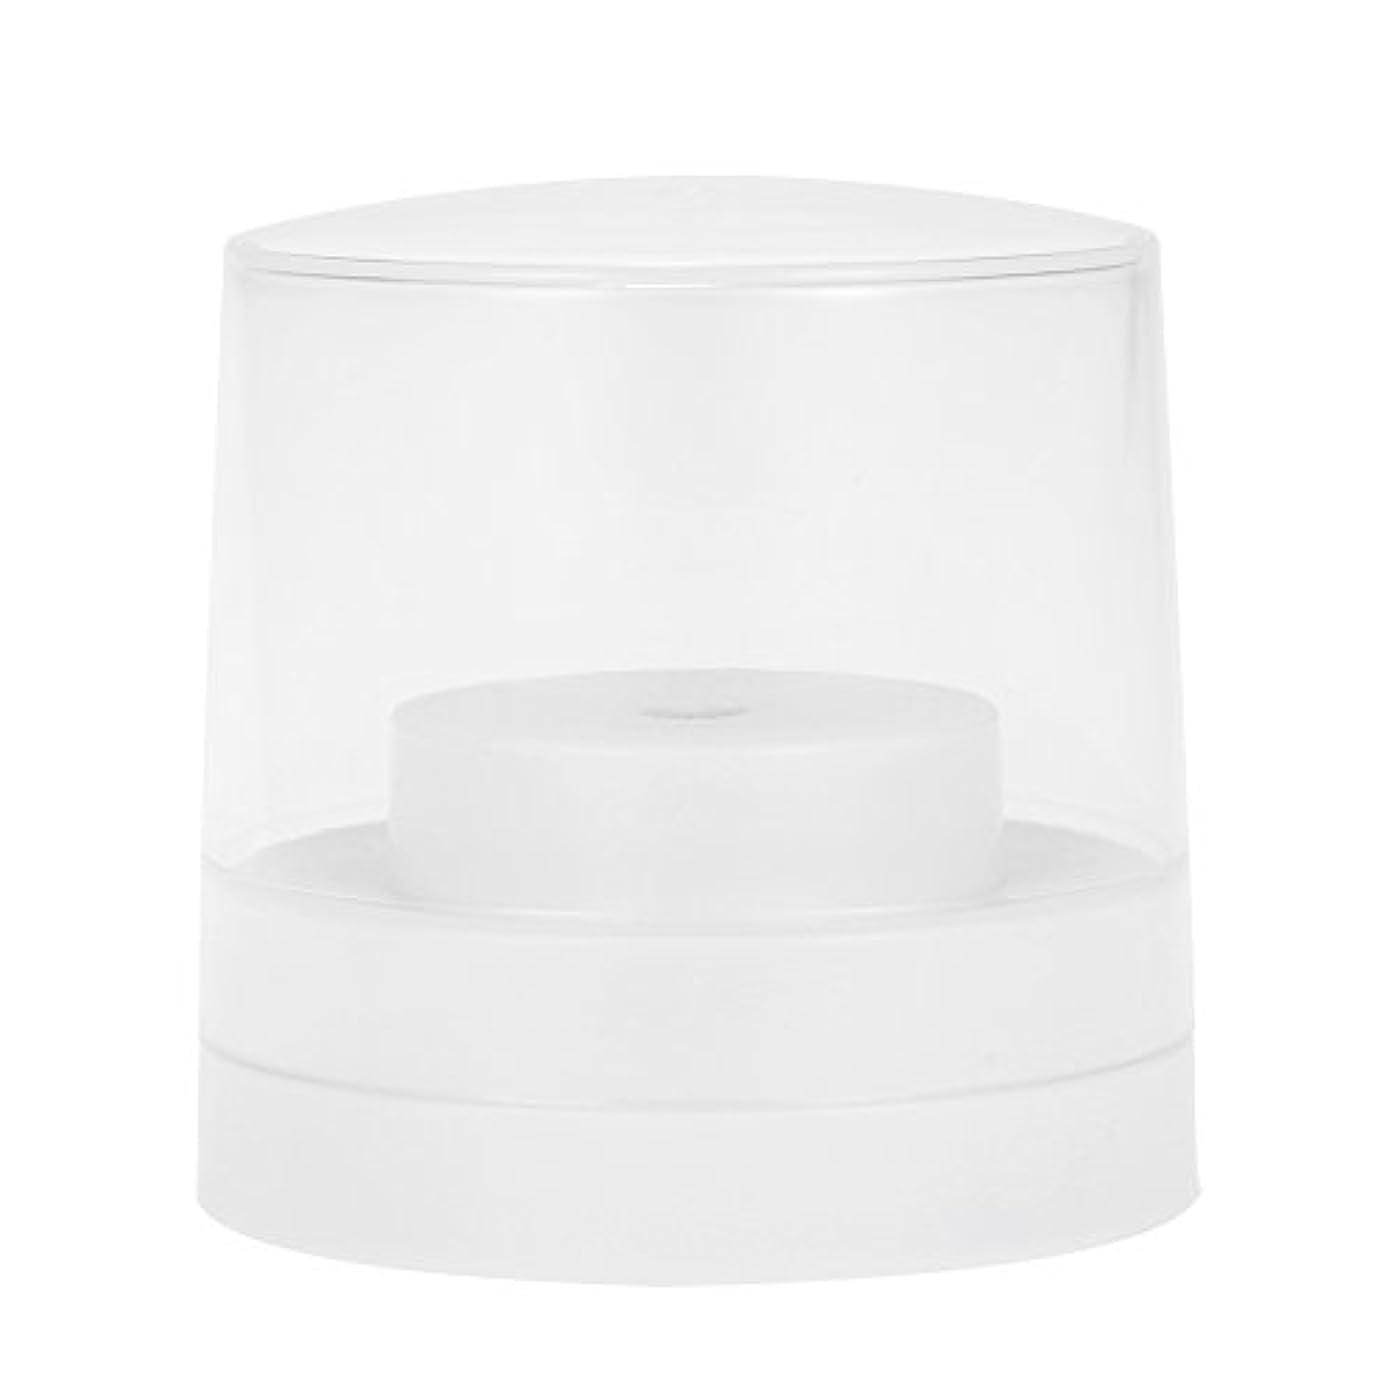 Decdeal ネイルドリルビットホルダー 60穴 歯科用 バースタンド ディスプレイ オーガナイザー コンテナ 透明 カバープラスチック ネイル 歯科用アクセサリー